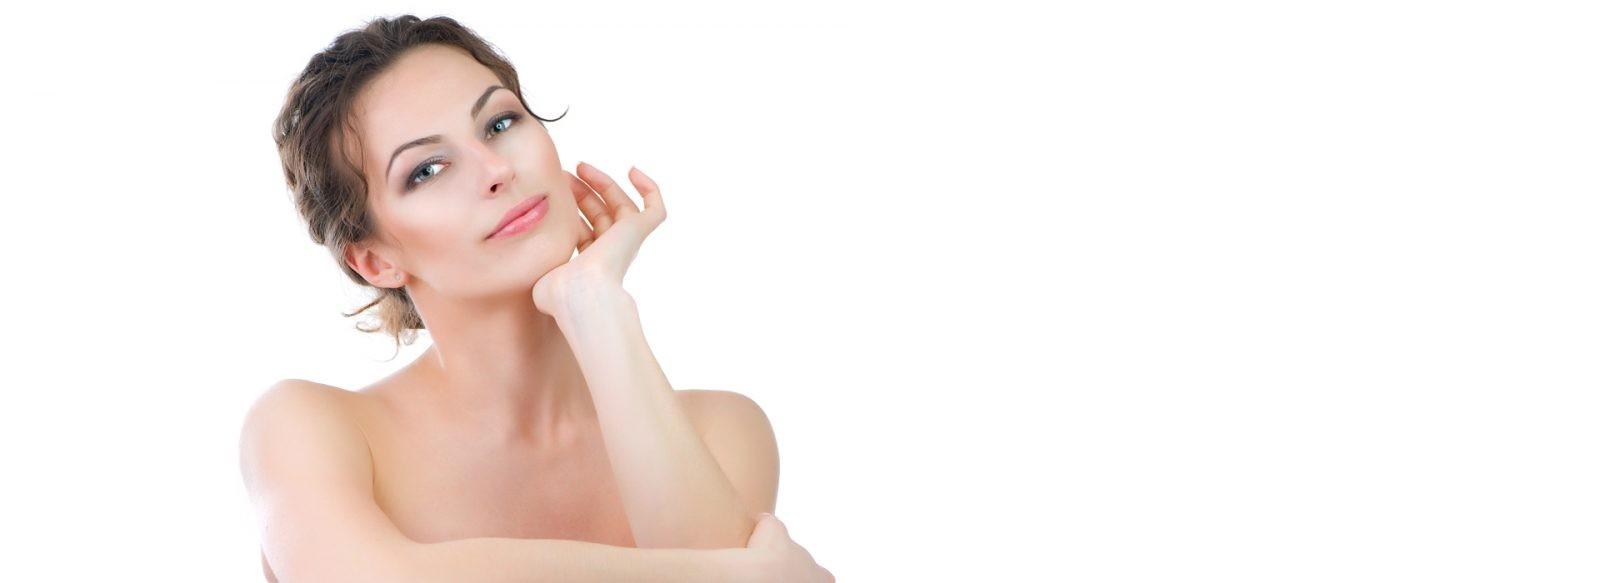 רובינפור טיפולי הצערת פנים